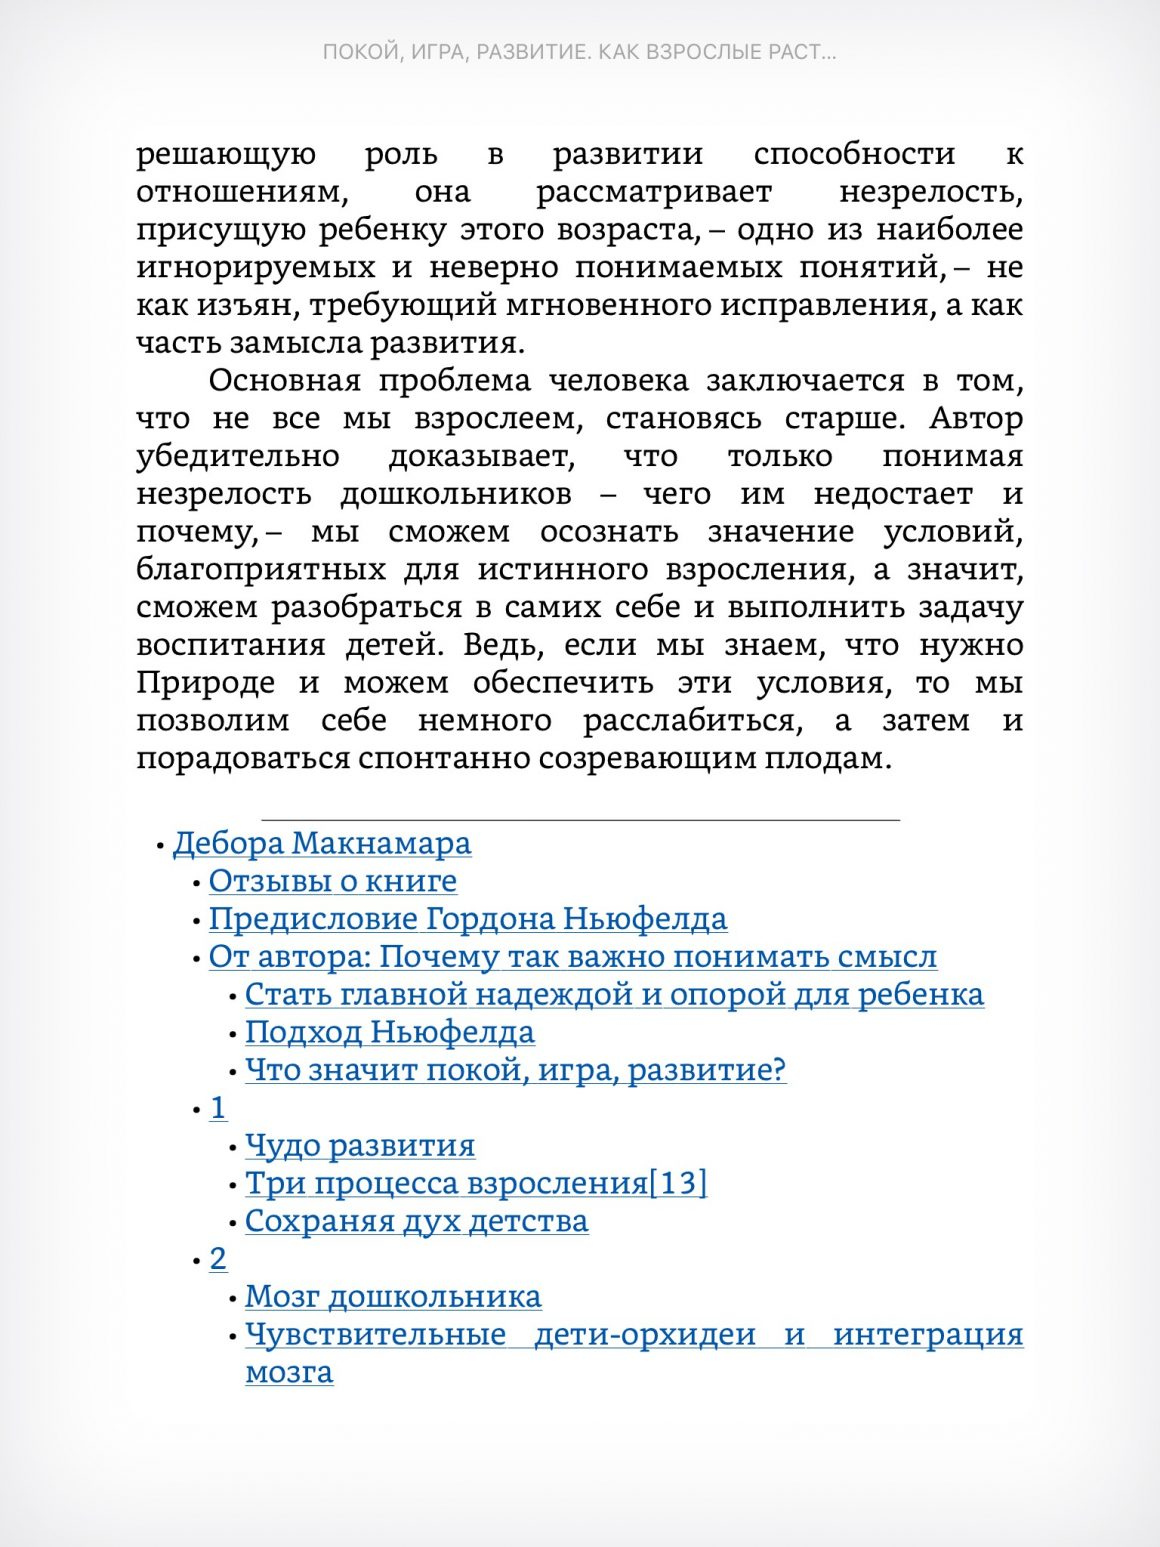 """Дебора Макнамара """"Покой, игра, развитие"""""""